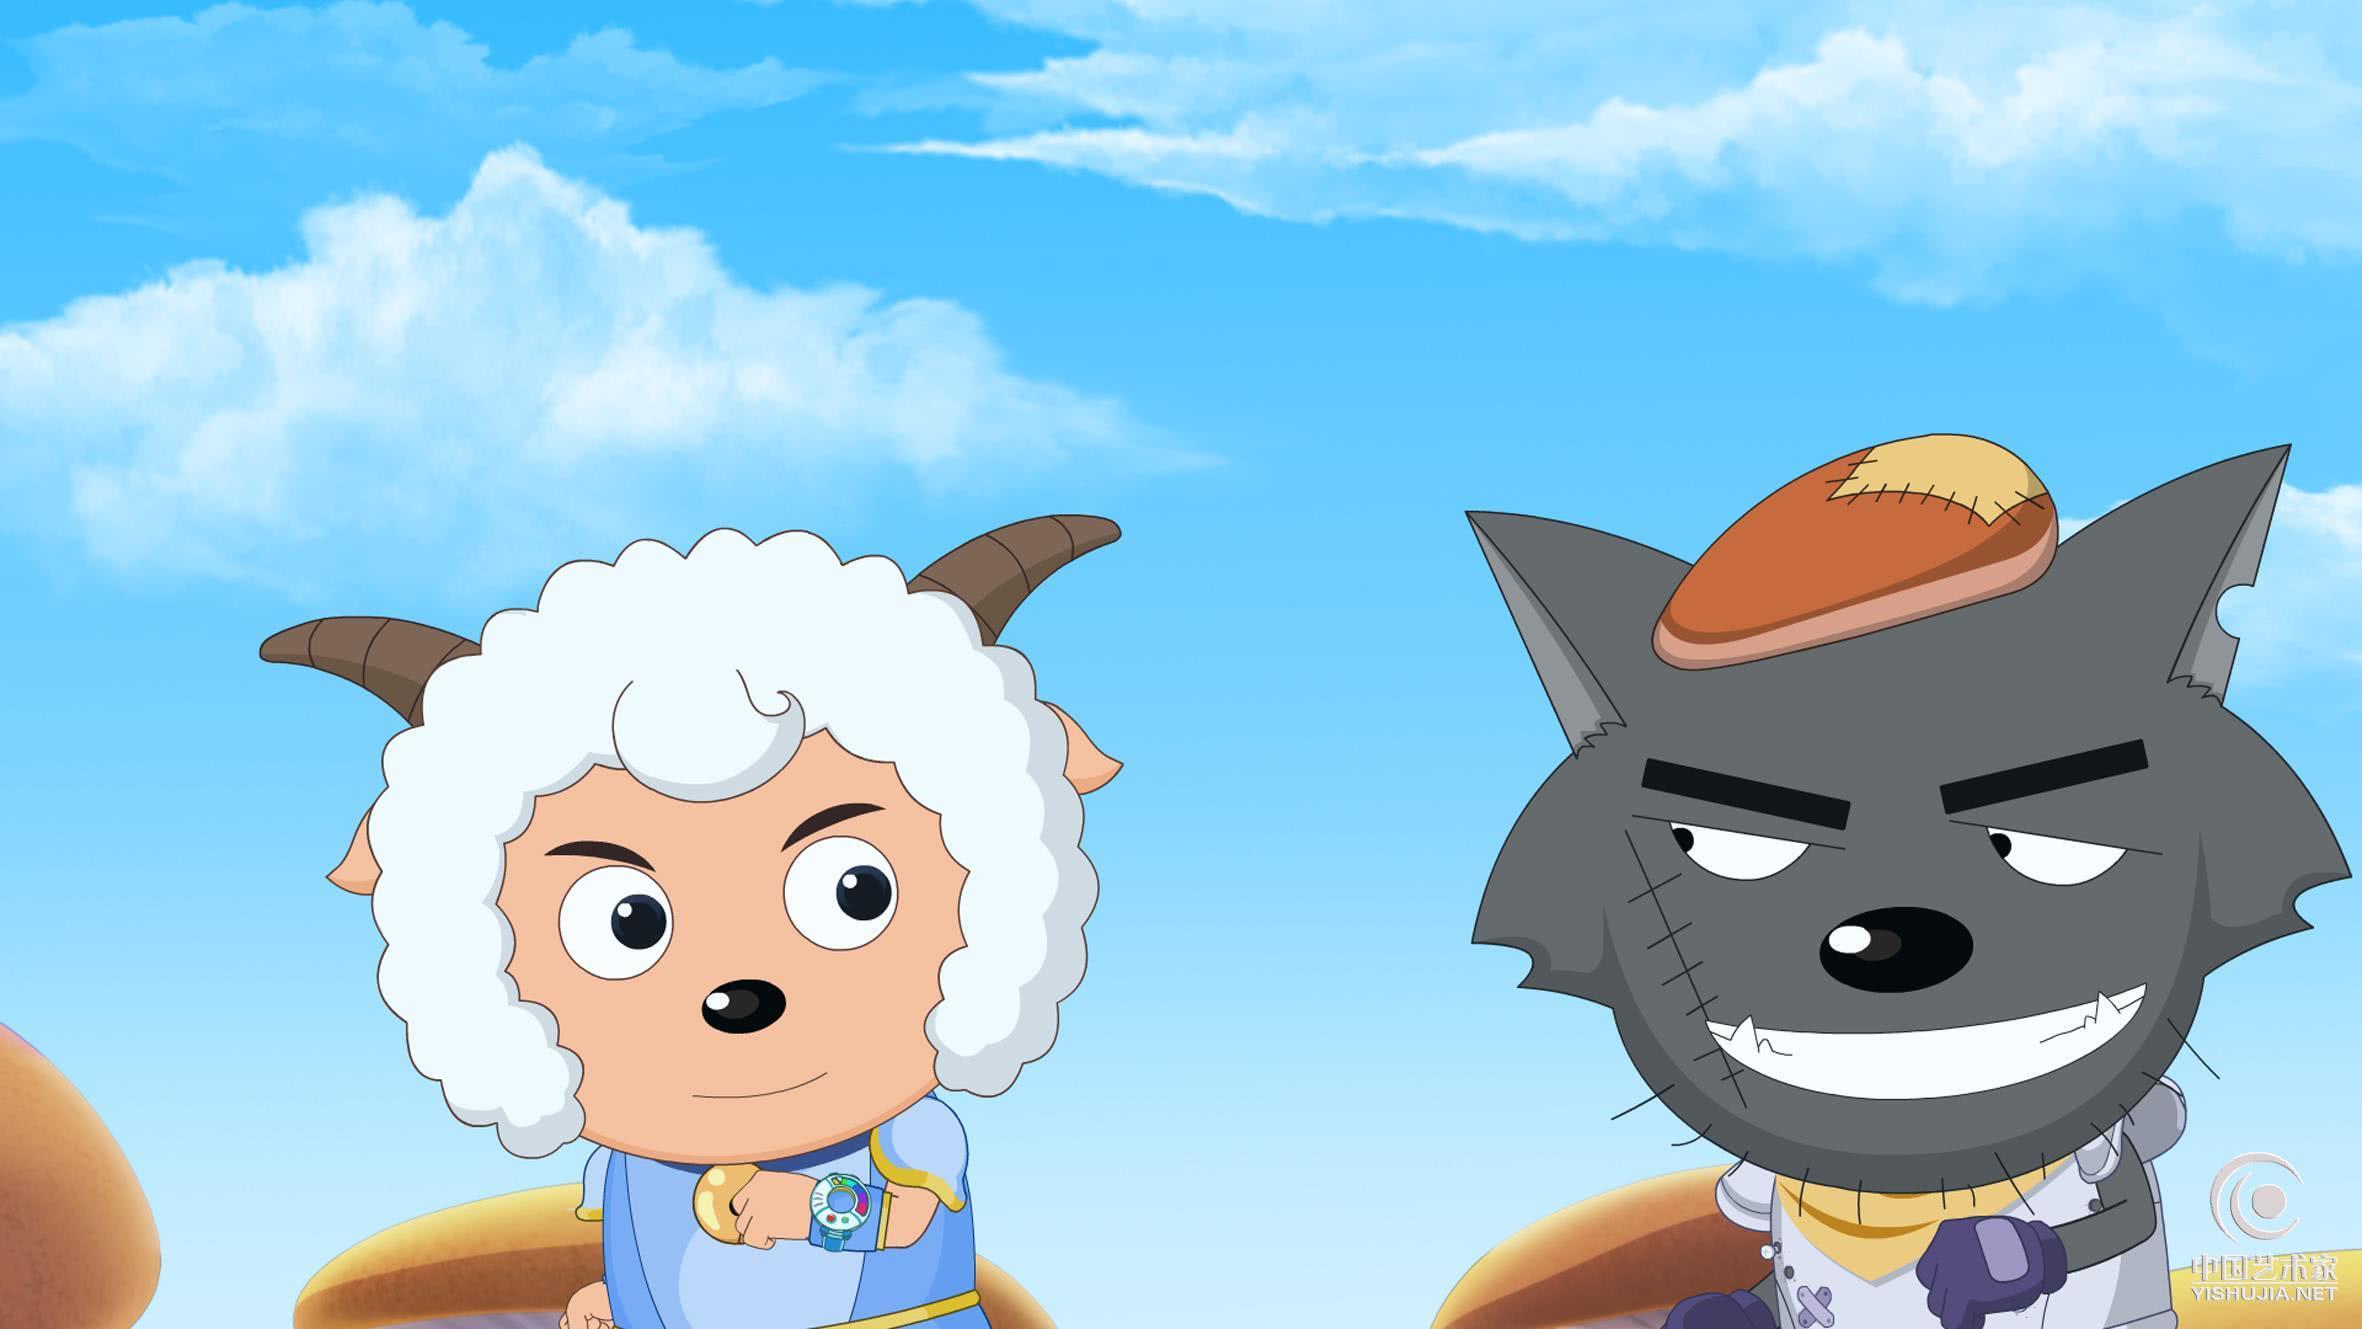 喜羊羊:狼二叔无意间透漏了灰太狼小名,害的红太狼笑破了肚皮!